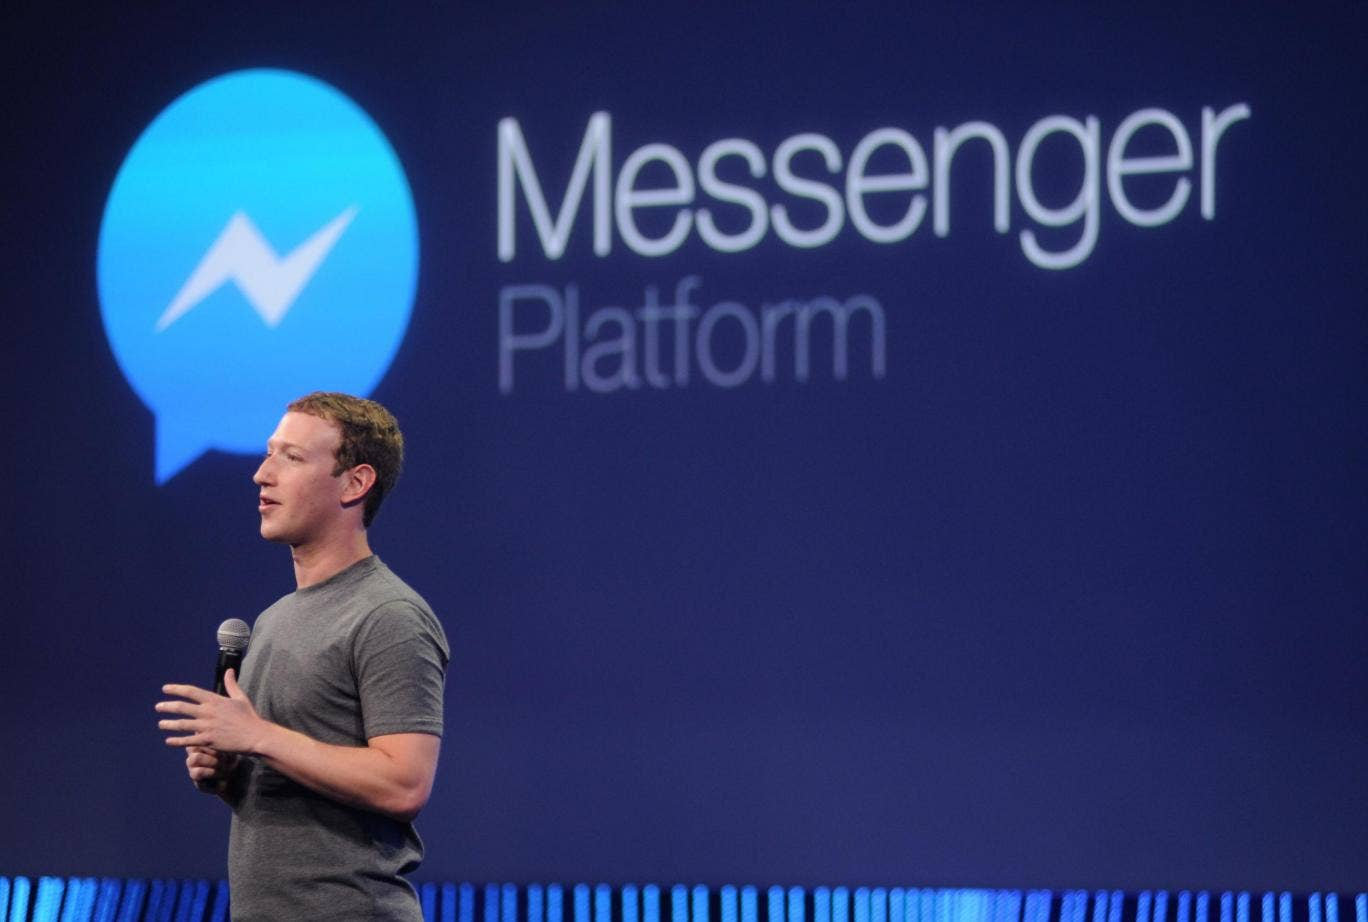 Mark Zuckerberg speaks about Messenger at a 2015 summit